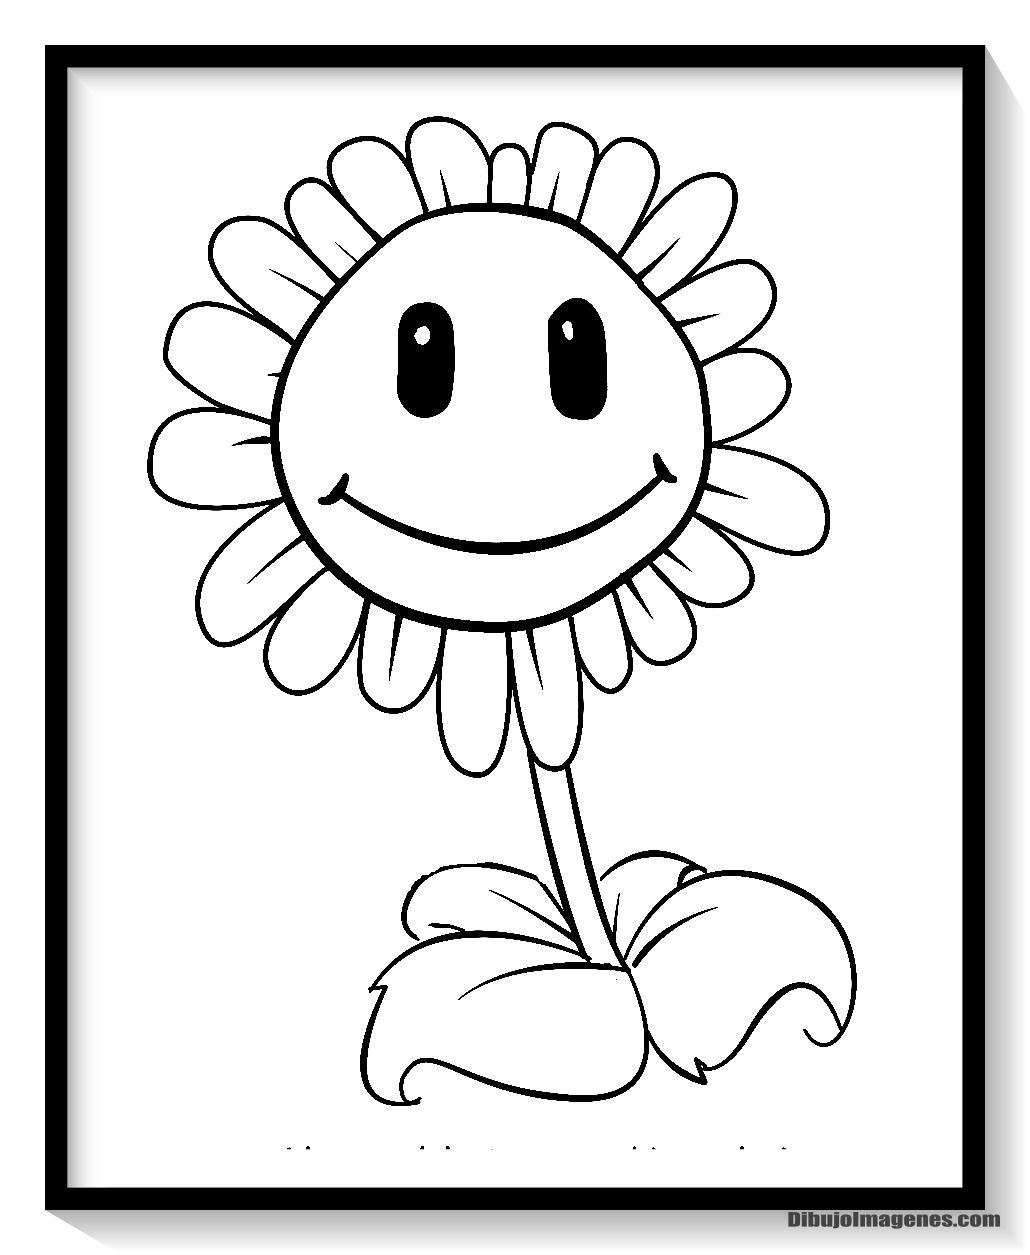 Plantas Vs Zombies Para Descargar Colorear E Imprimir A Todo Color Todos Los Personajes Paginas Para Colorear Libro De Colores Cactus Para Colorear